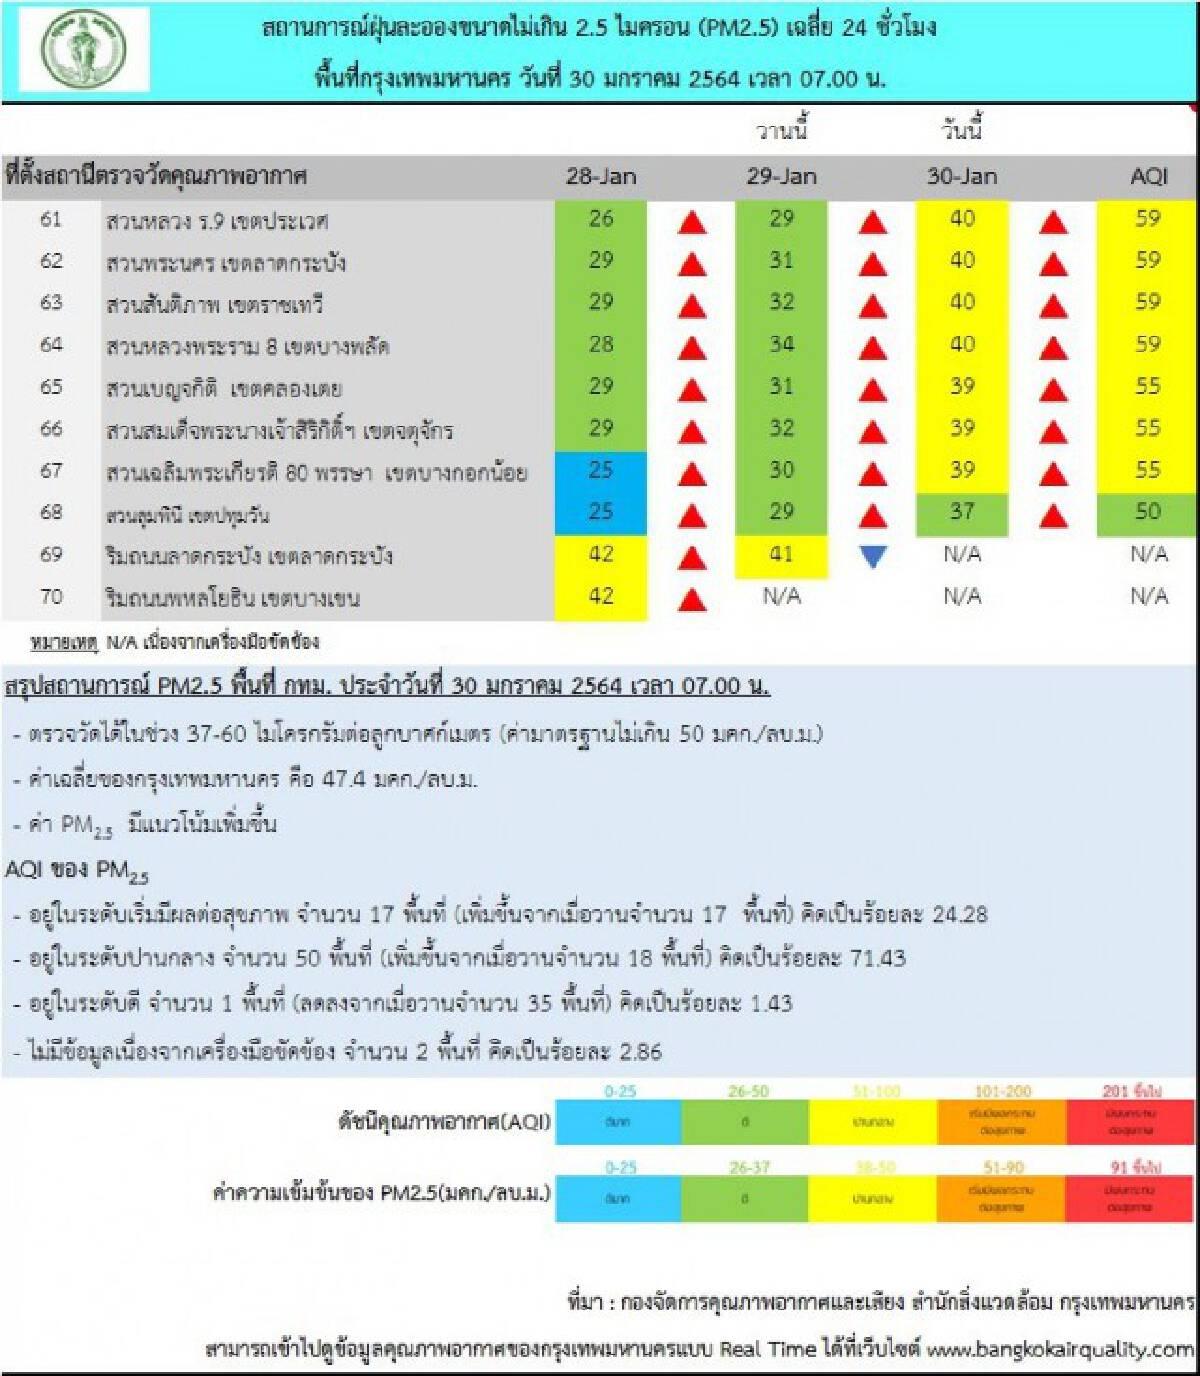 """กทม. ฝุ่น """"PM2.5"""" เกินค่ามาตรฐาน 17 พื้นที่ แนะงดกิจกรรมกลางแจ้ง"""